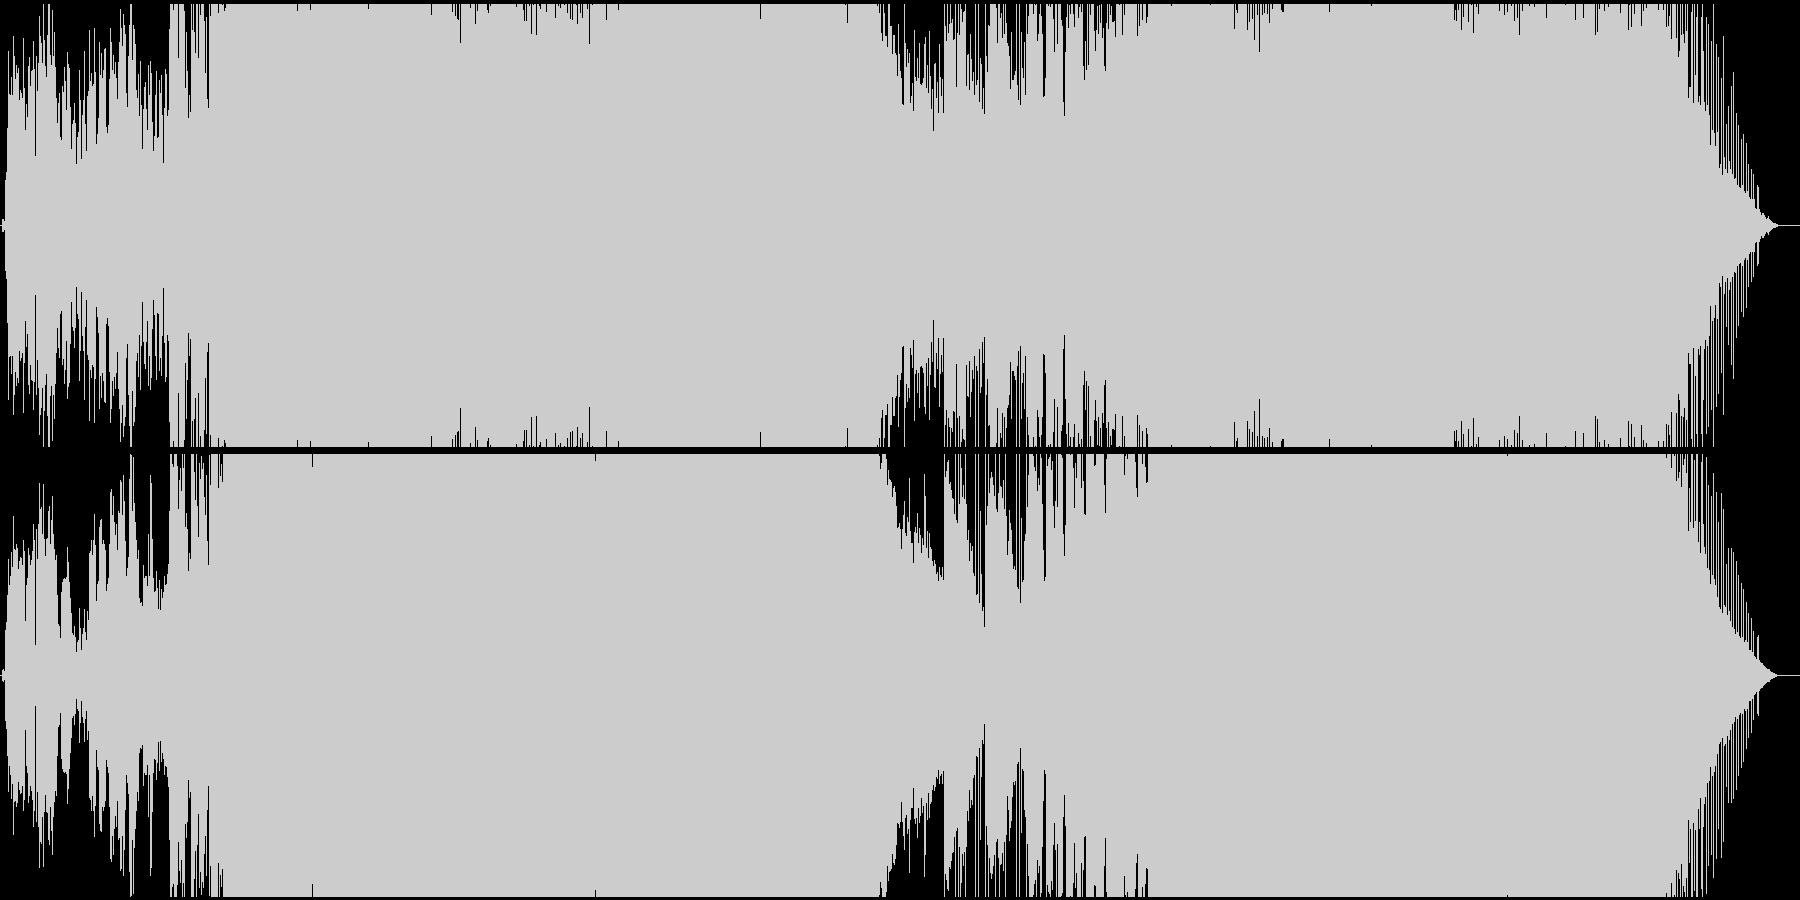 生演奏。6/8ビートのギターロックの未再生の波形